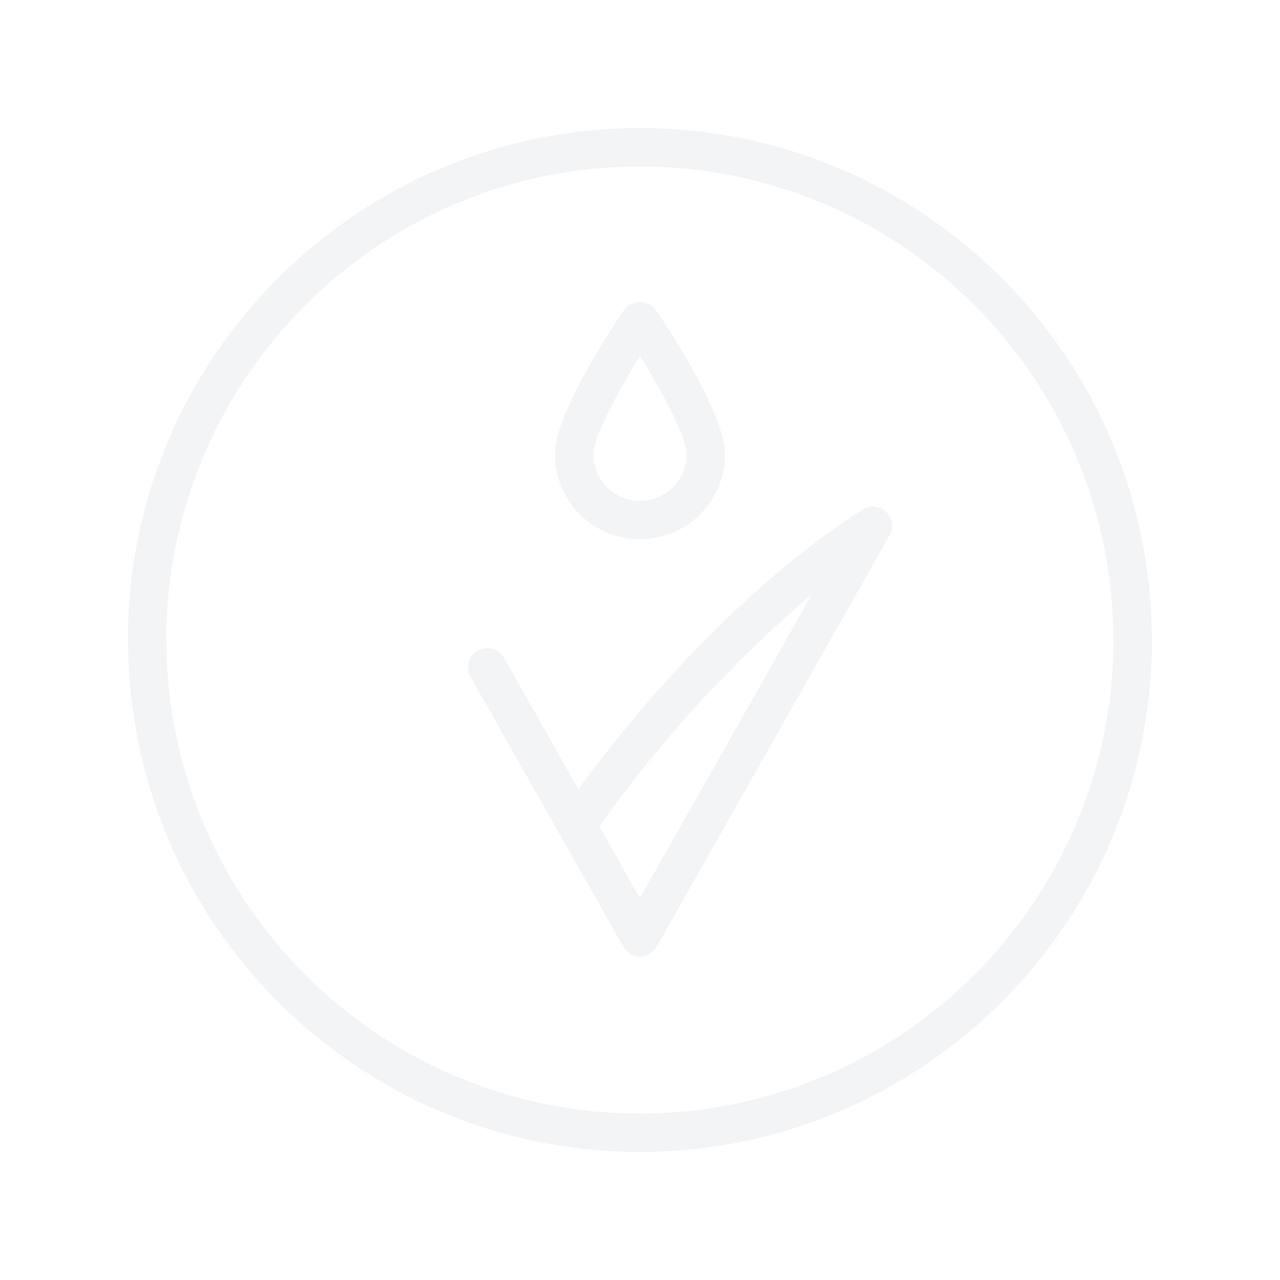 MINIGOLD Bubble Point Earrings